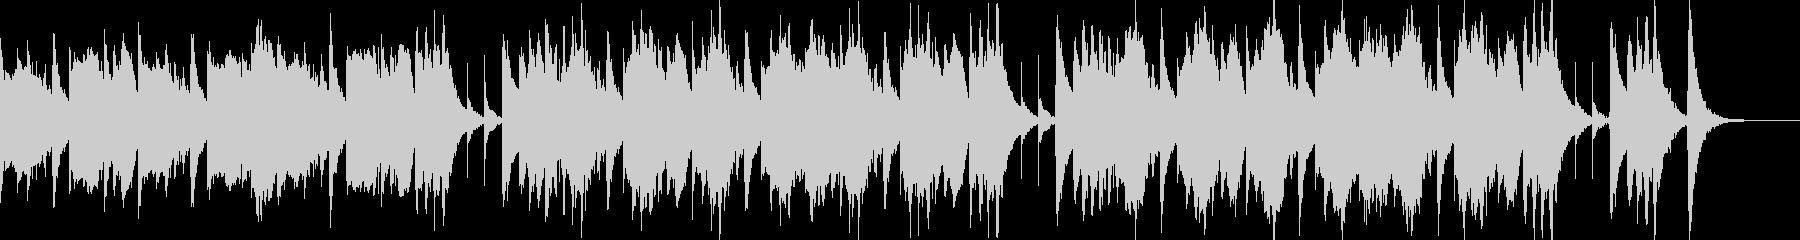 脱力感あるゆるい日常BGMの未再生の波形